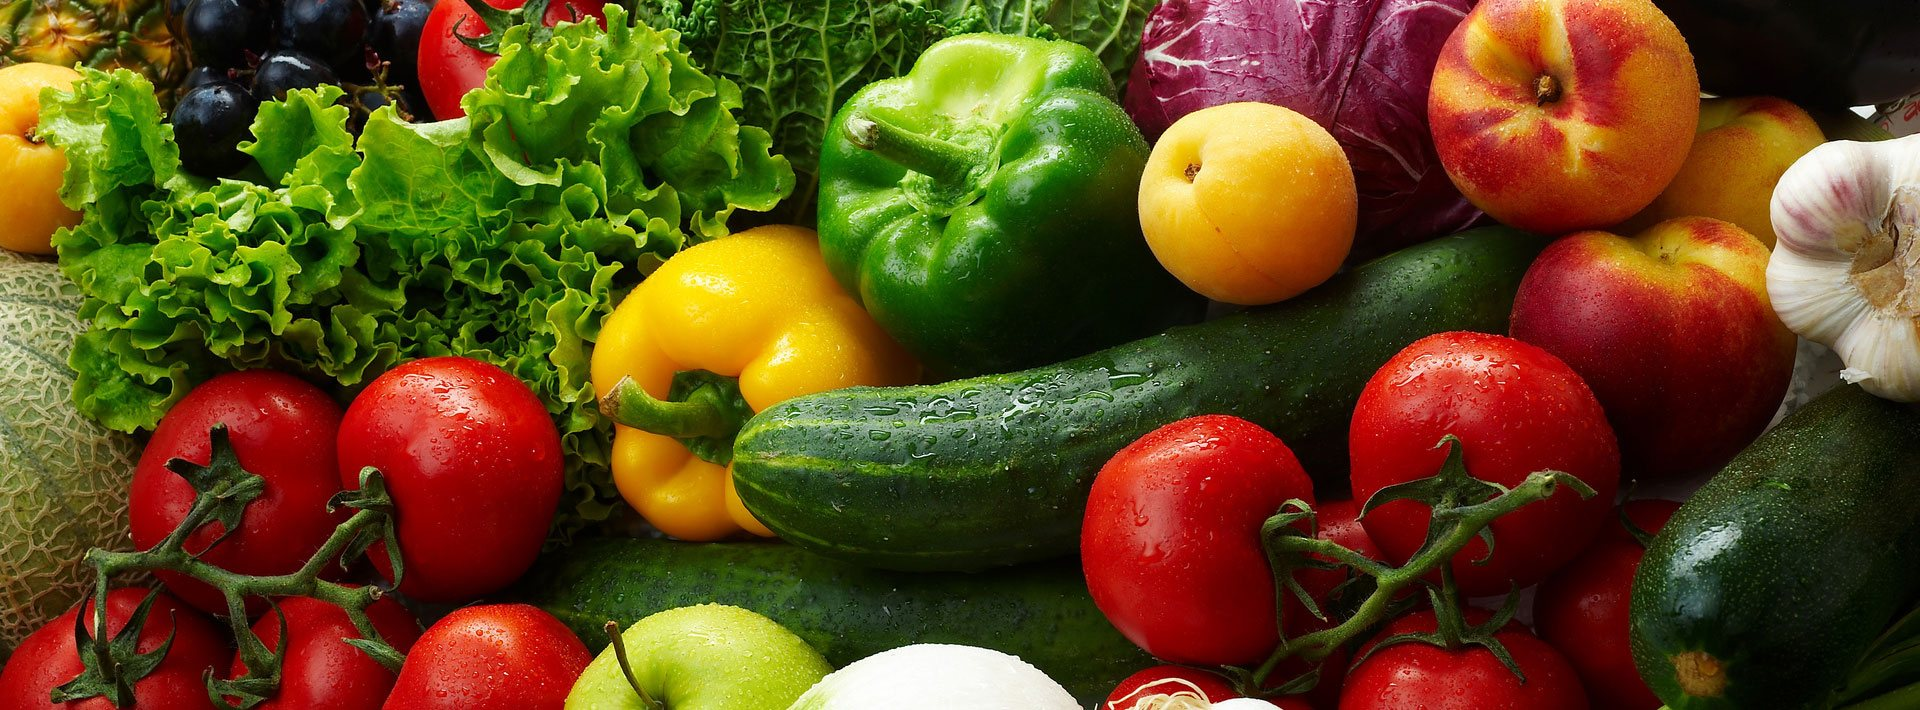 Оптимальные затраты - Максимальный урожай